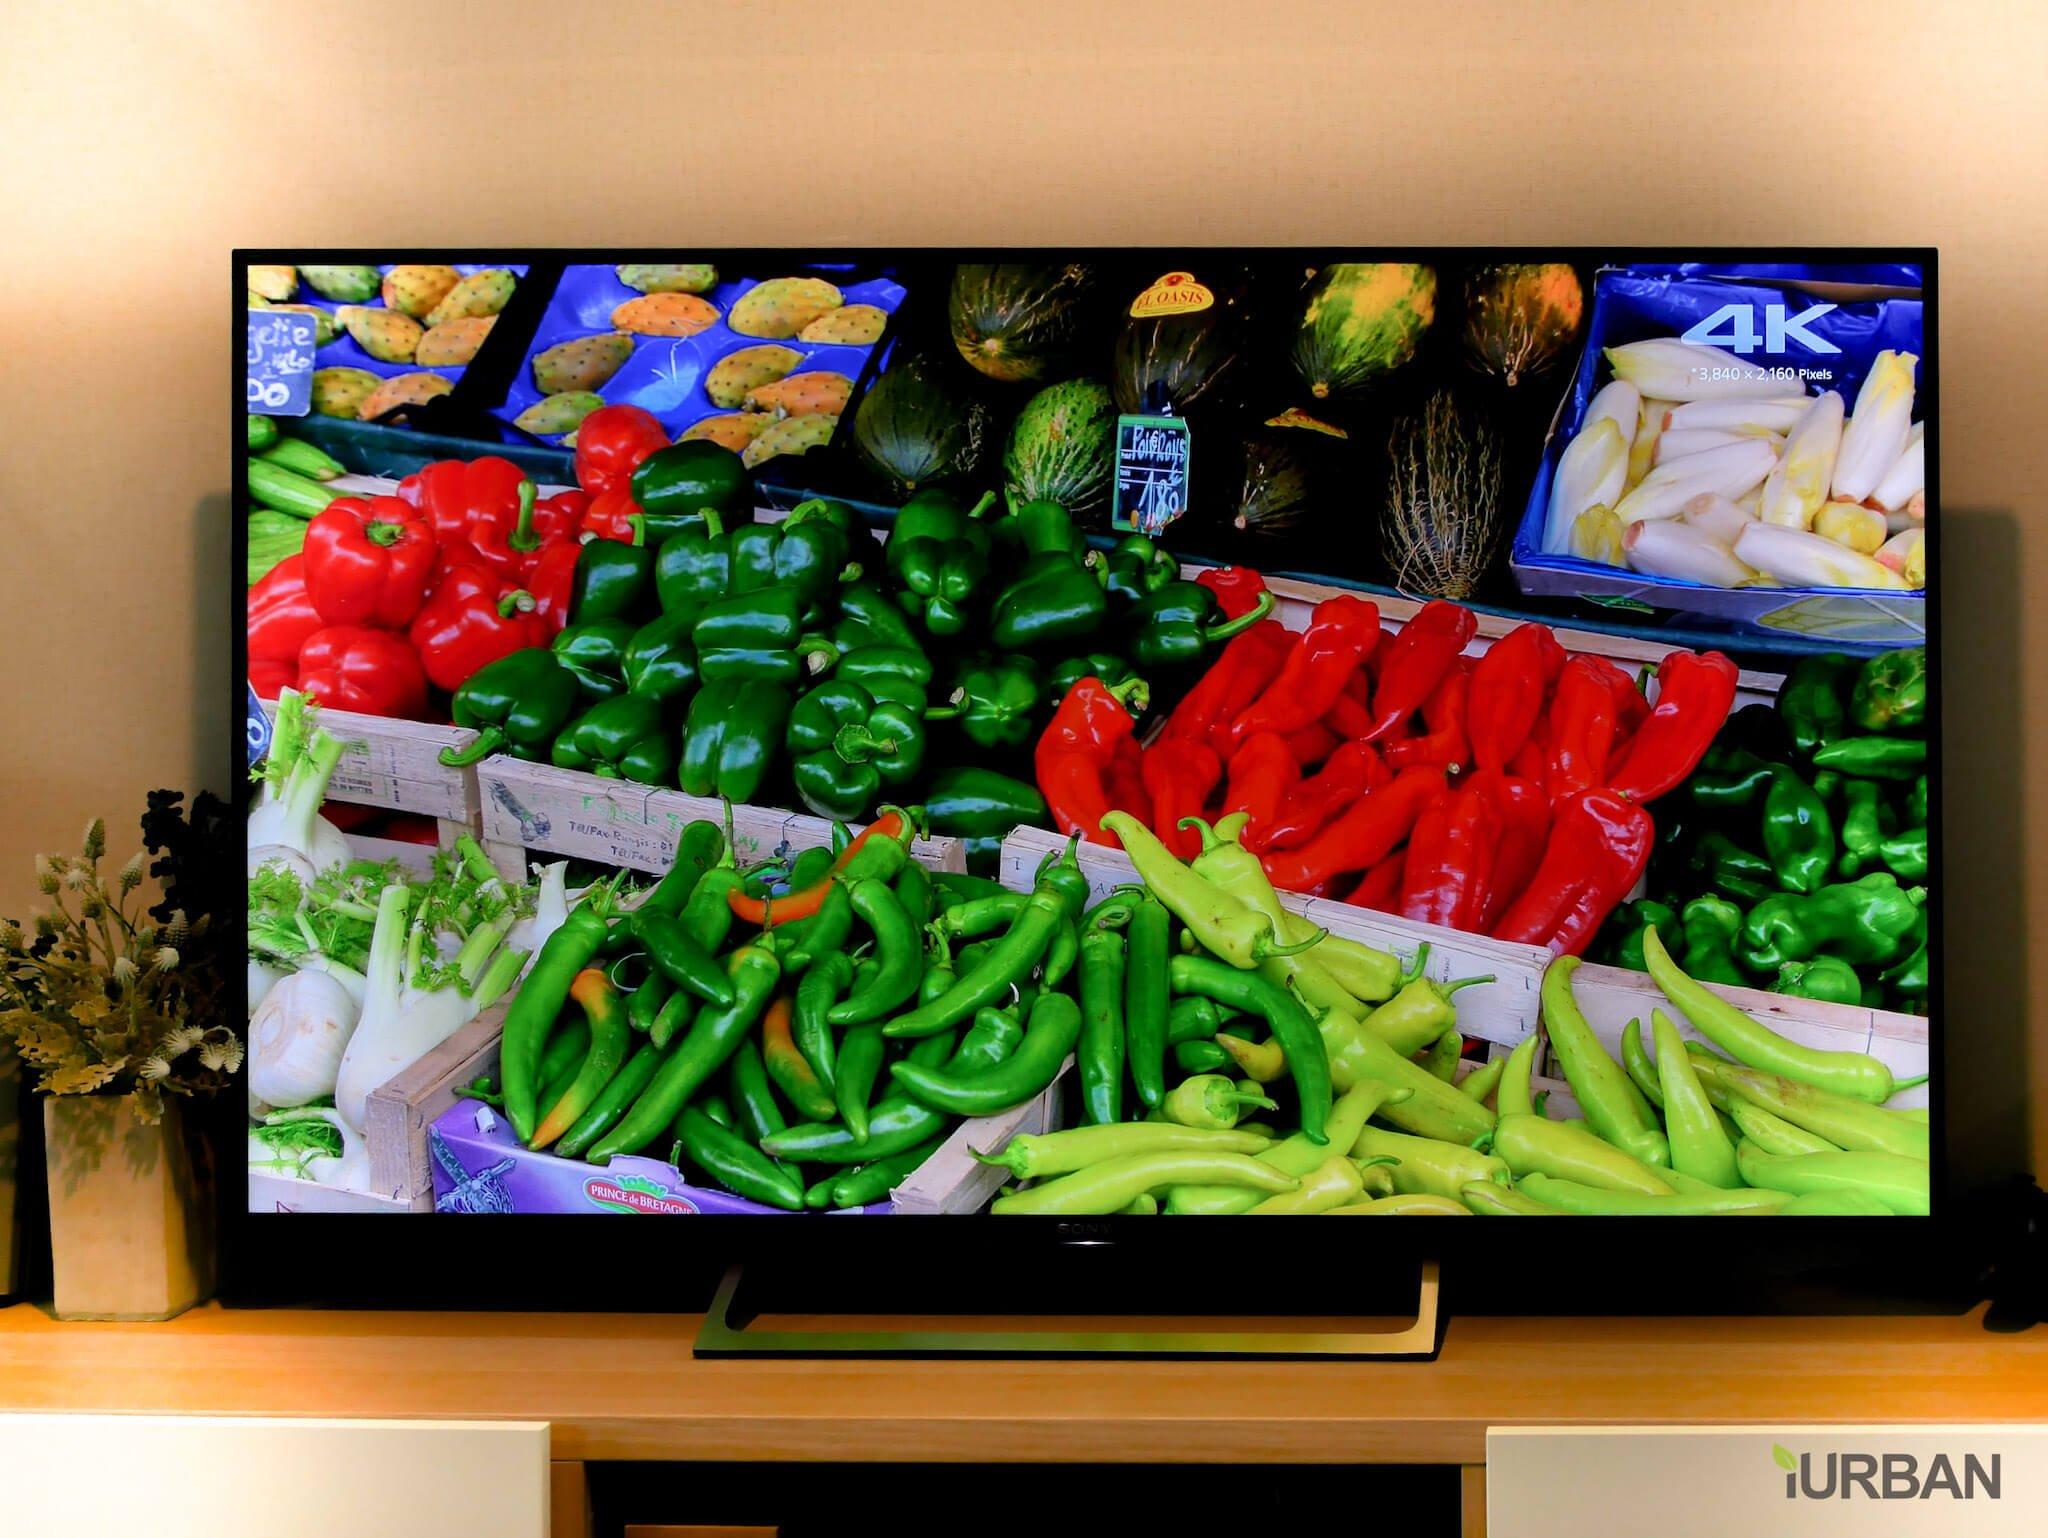 SONY X8500E 4K-HDR Android TV นวัตกรรมที่จะเปลี่ยนชีวิตกับทีวี ให้ไม่เหมือนเดิมอีกต่อไป 35 - Android